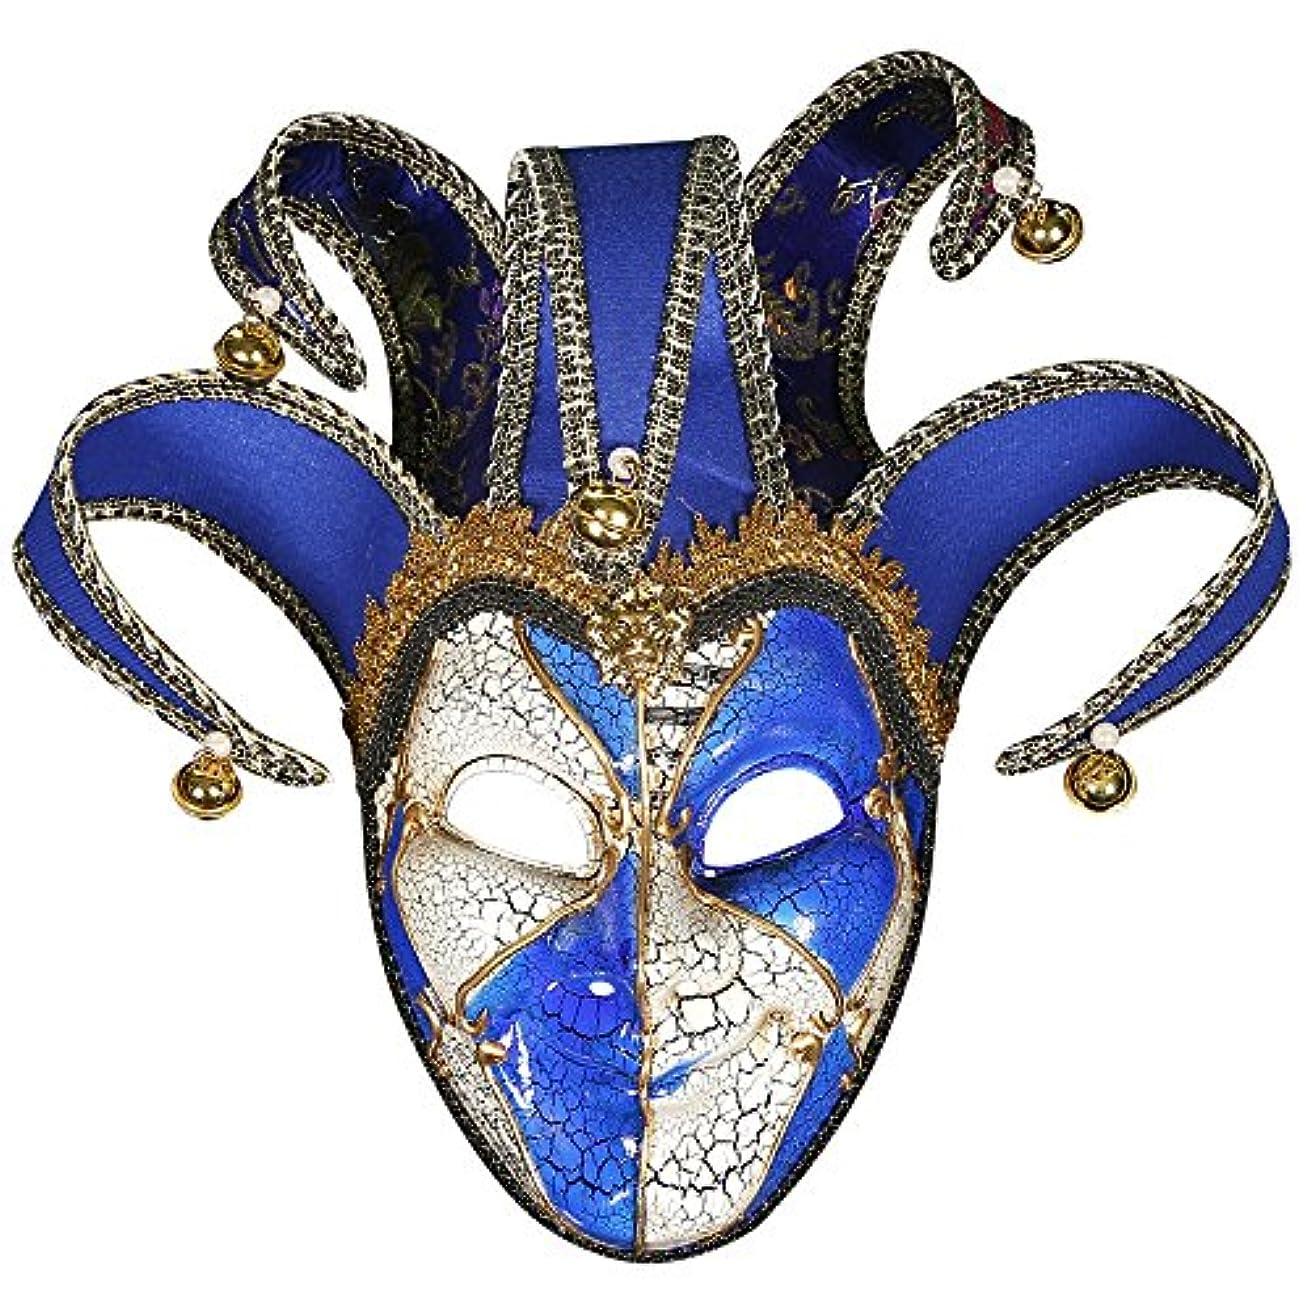 スパーク乏しい操作ハイエンドの美しいクラックフェスティバル仮面舞踏会マスクハロウィーン誕生日パーティーピエロマスク